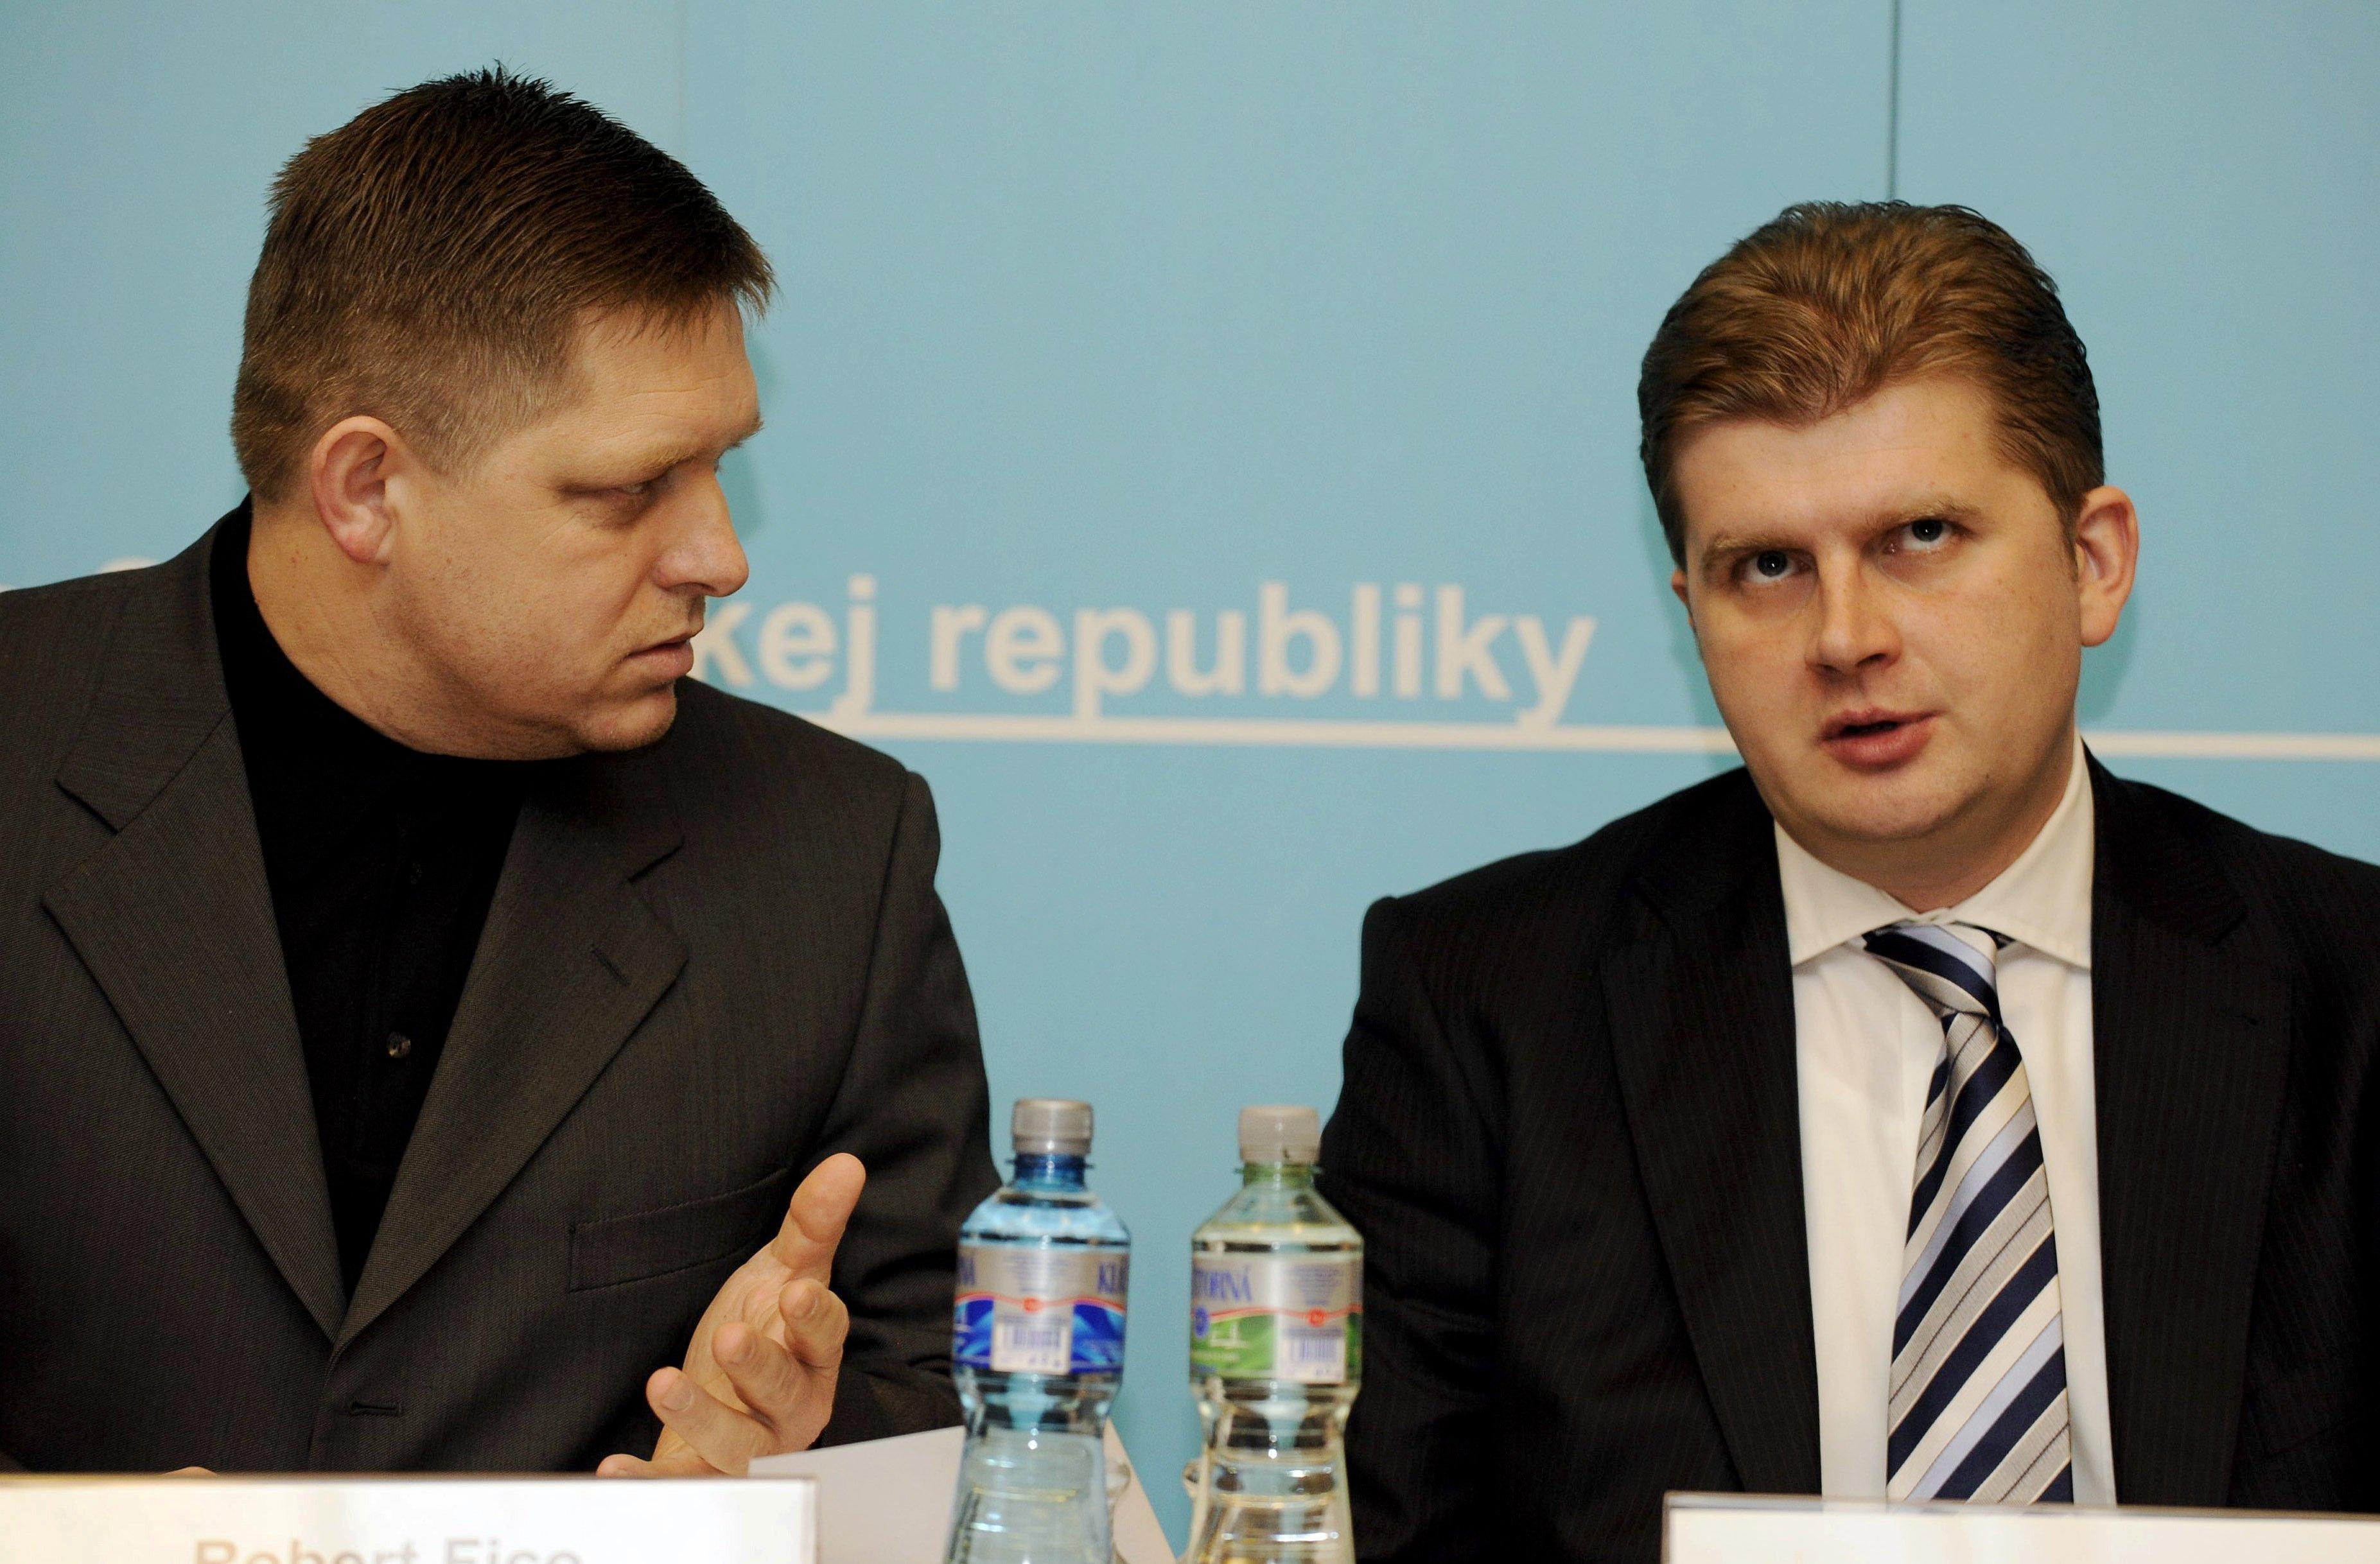 Robert Fico, Peter Žiga